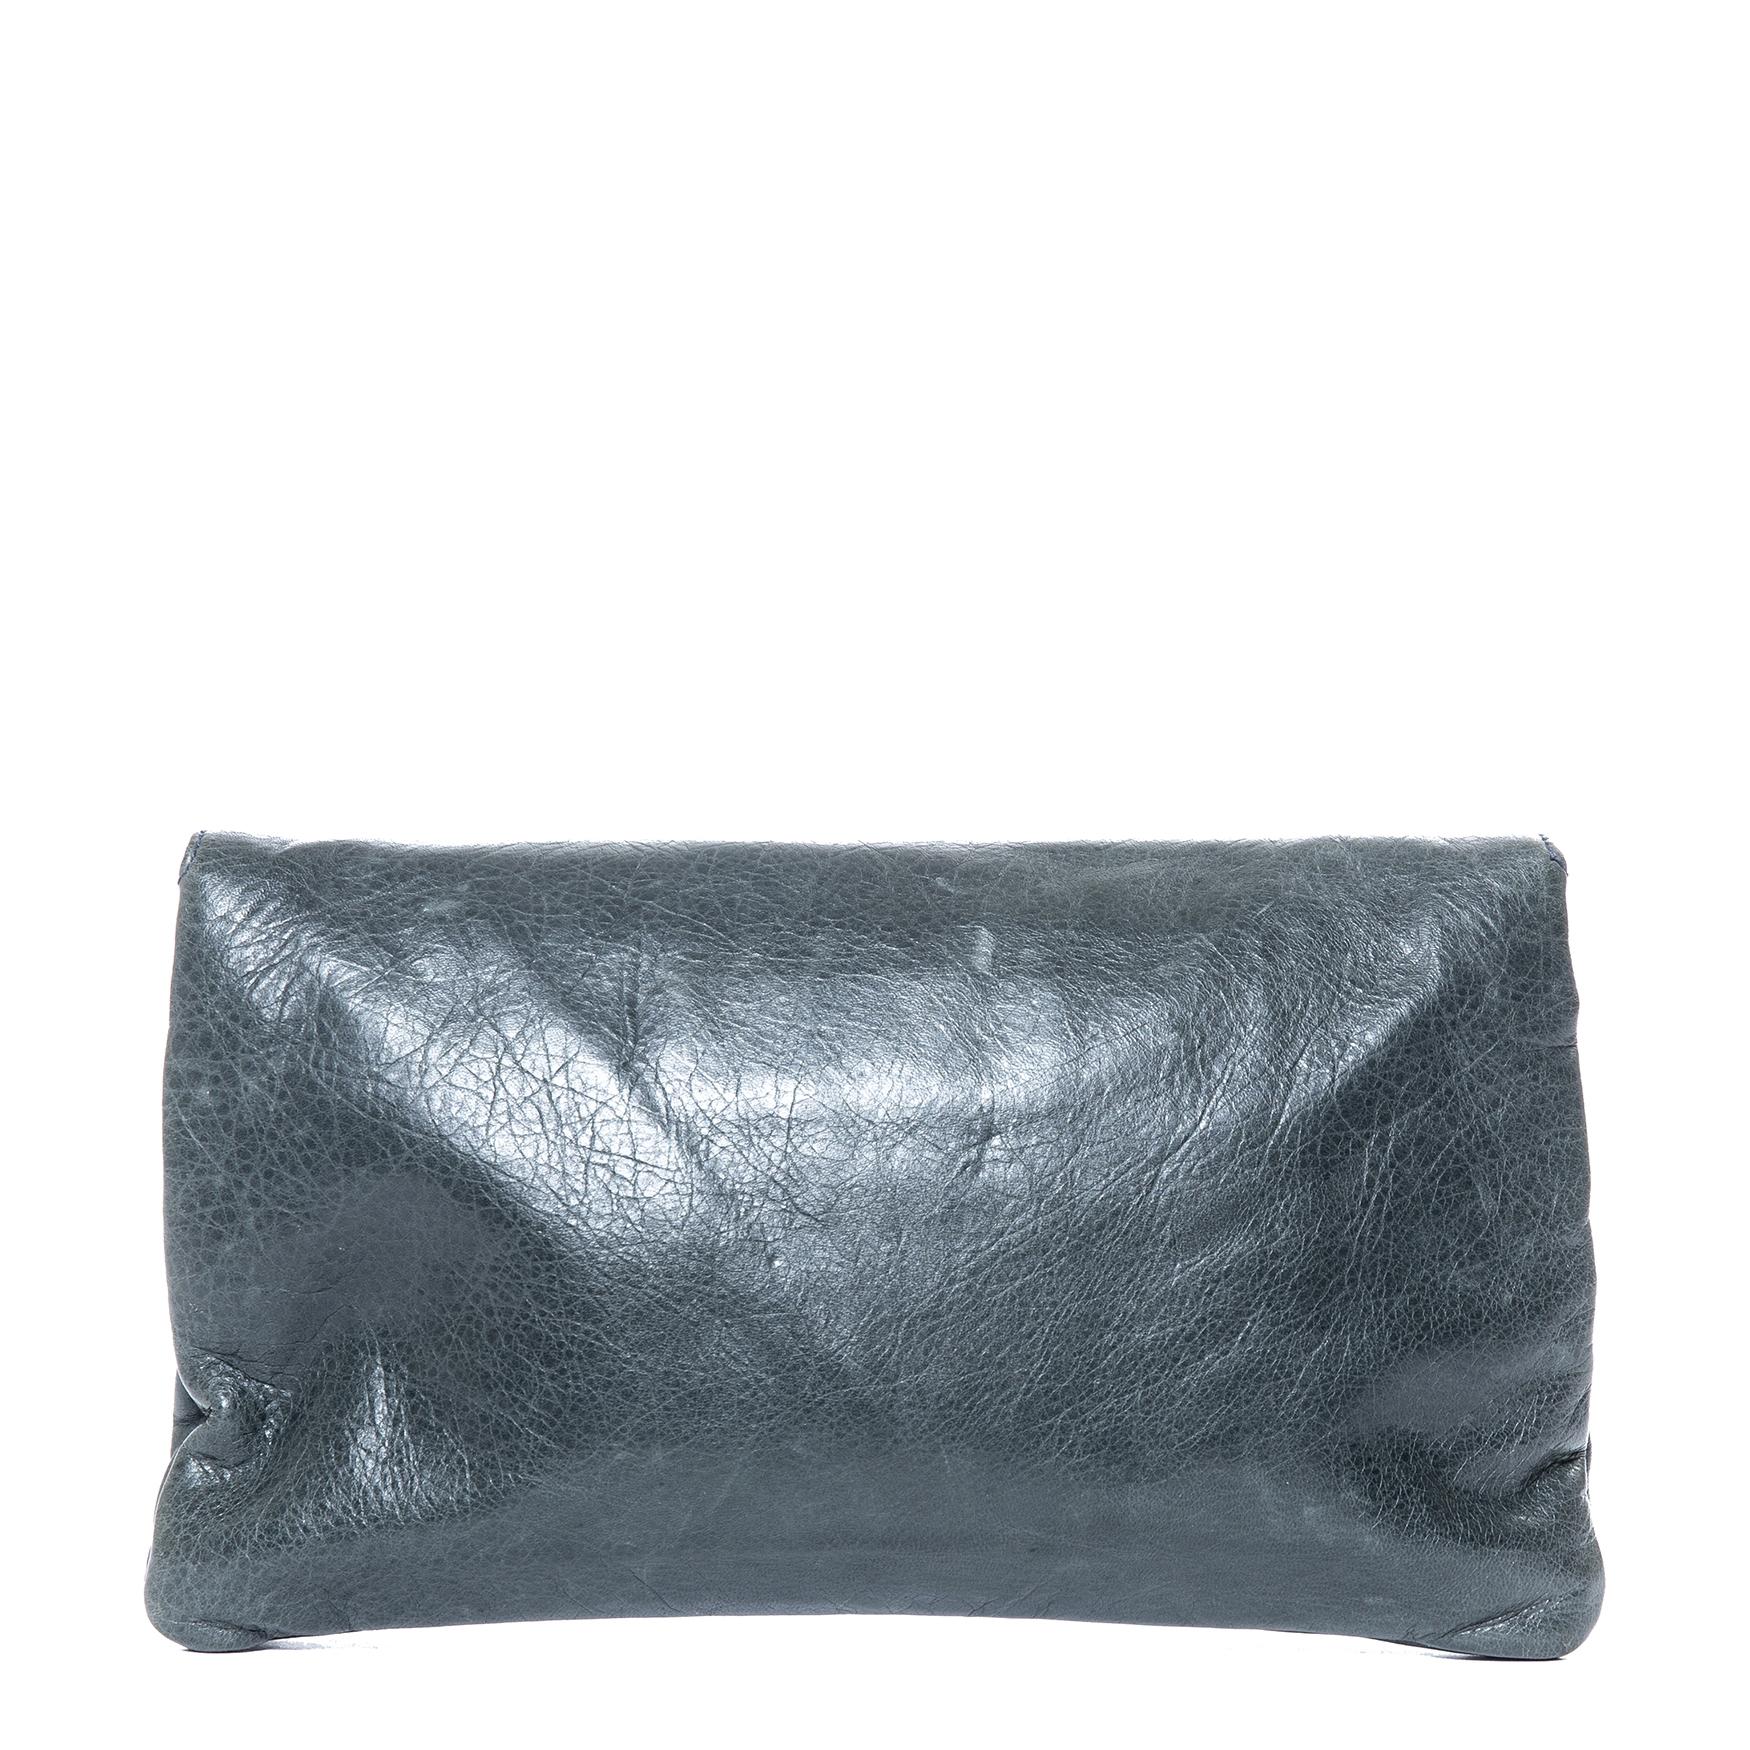 8d79d8f826db5 Labellov Buy authentic vintagePrada designer bags, shoes, clothes ...